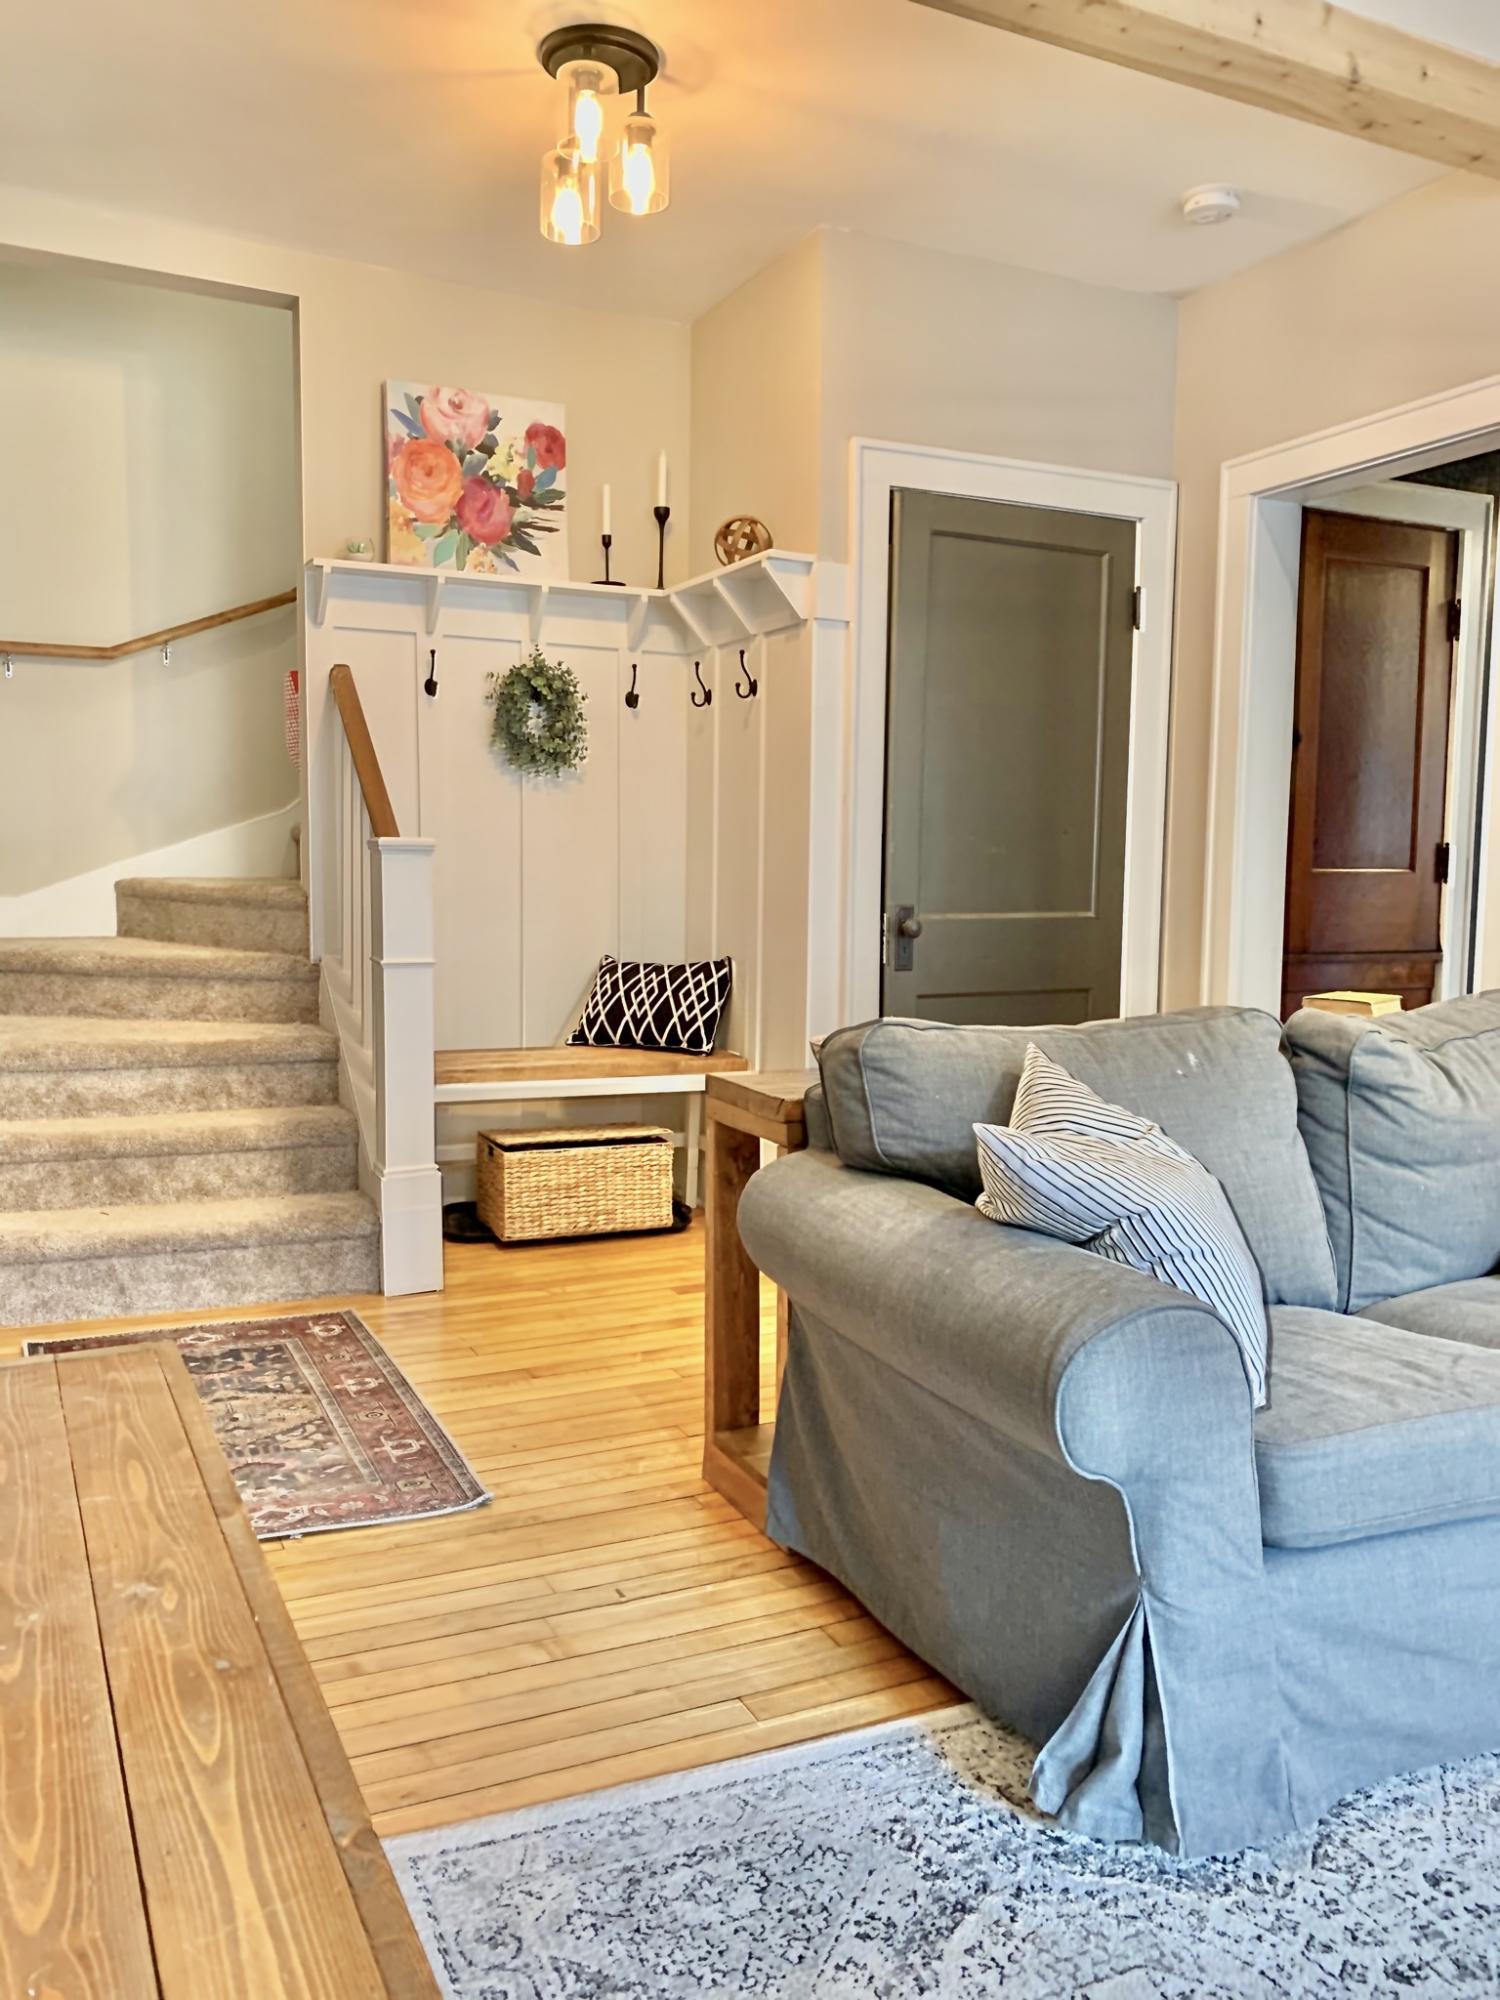 543 Oakwood Ave, Oconomowoc, Wisconsin 53066, 3 Bedrooms Bedrooms, ,2 BathroomsBathrooms,Single-Family,For Sale,Oakwood Ave,1687844